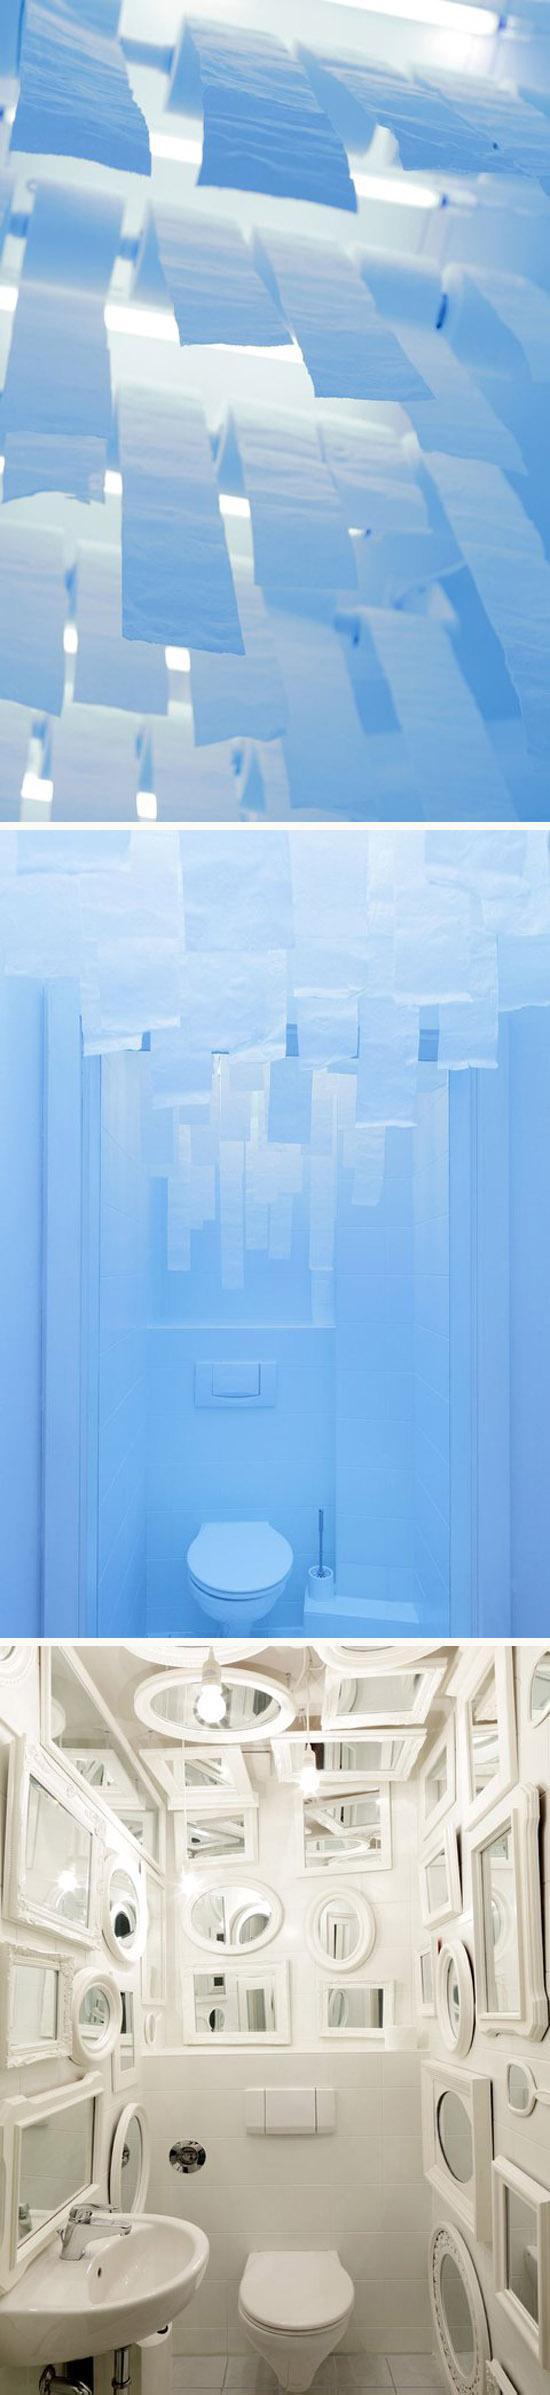 interior design, fun bathrooms, toilet paper sky in bathroom, mirrors in bathroom, Tulp design, Munich, Webguerillas